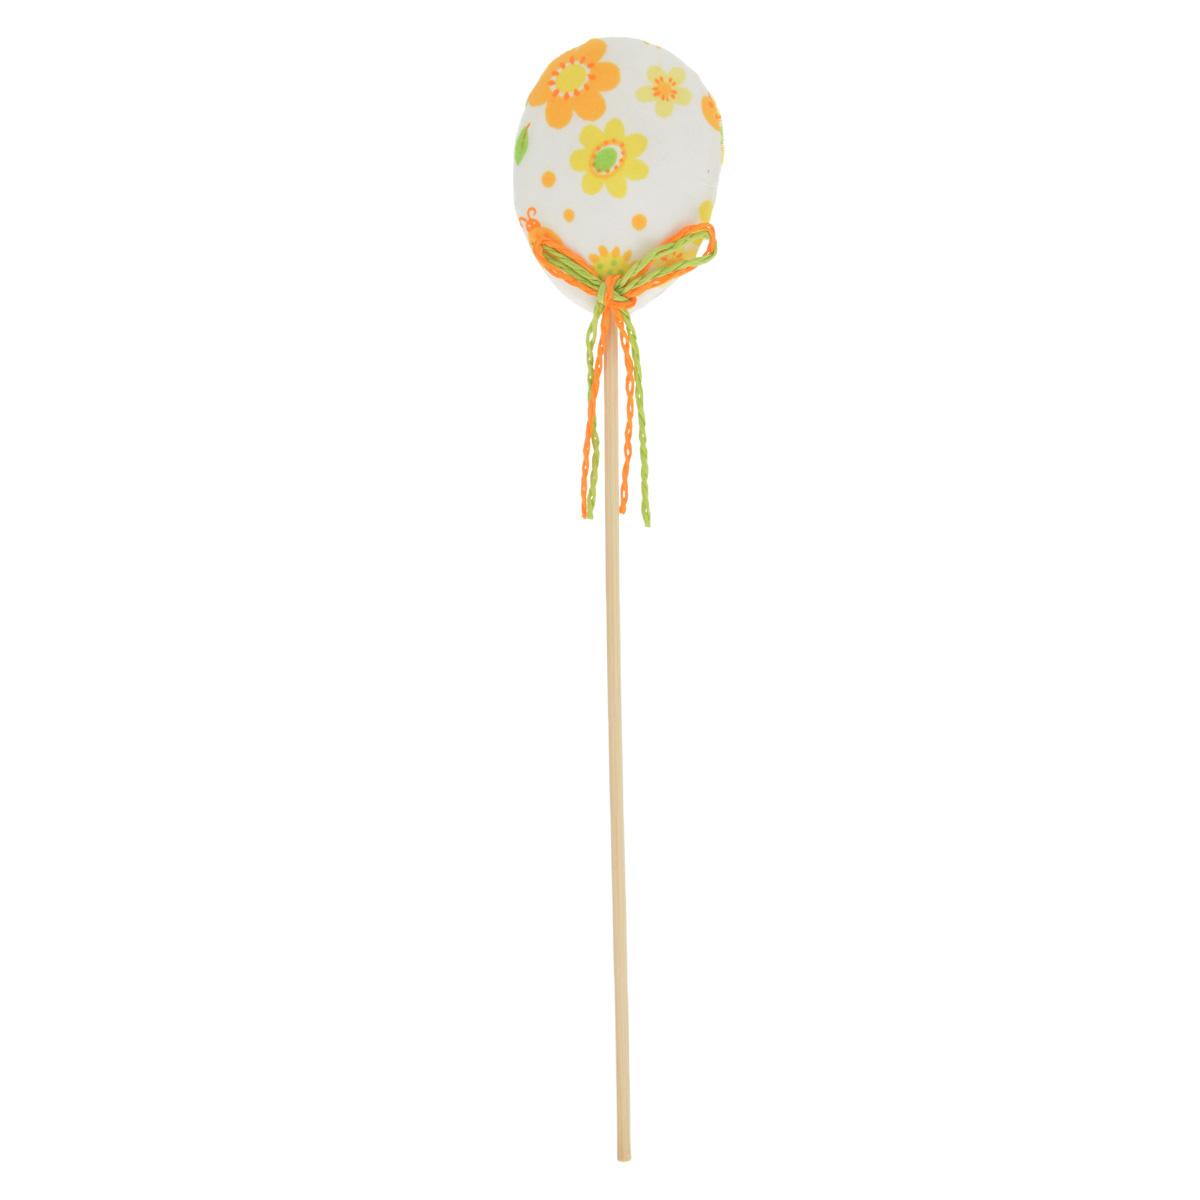 Декоративное пасхальное украшение на ножке Home Queen Яйцо, цвет: оранжевый, высота 25,5 см60731_3Украшение пасхальное Home Queen Яйцо изготовлено из высококачественного полиэстера и предназначено для украшения праздничного стола. Украшение выполнено в виде яйца на деревянной шпажке и украшено бантом. Такое украшение прекрасно дополнит подарок для друзей и близких на Пасху. Высота: 25,5 см. Размер фигурки: 4,5 см х 1 см х 6 см.